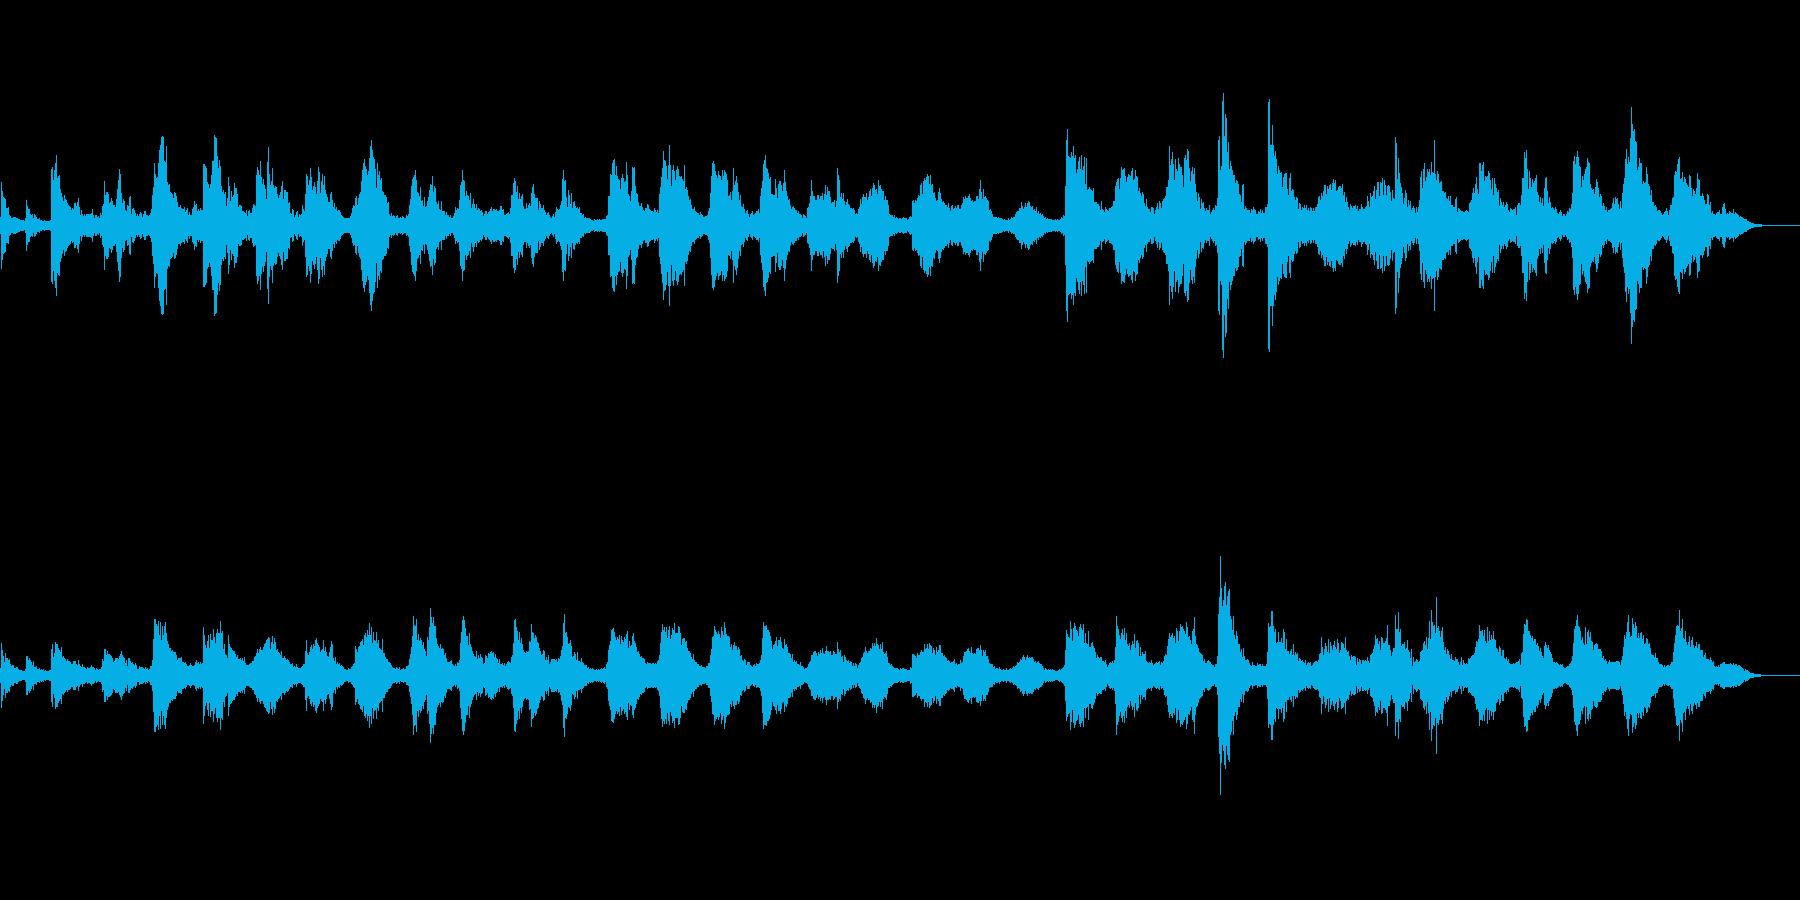 和風アジア風の瞑想ヒーリング的電子音楽の再生済みの波形